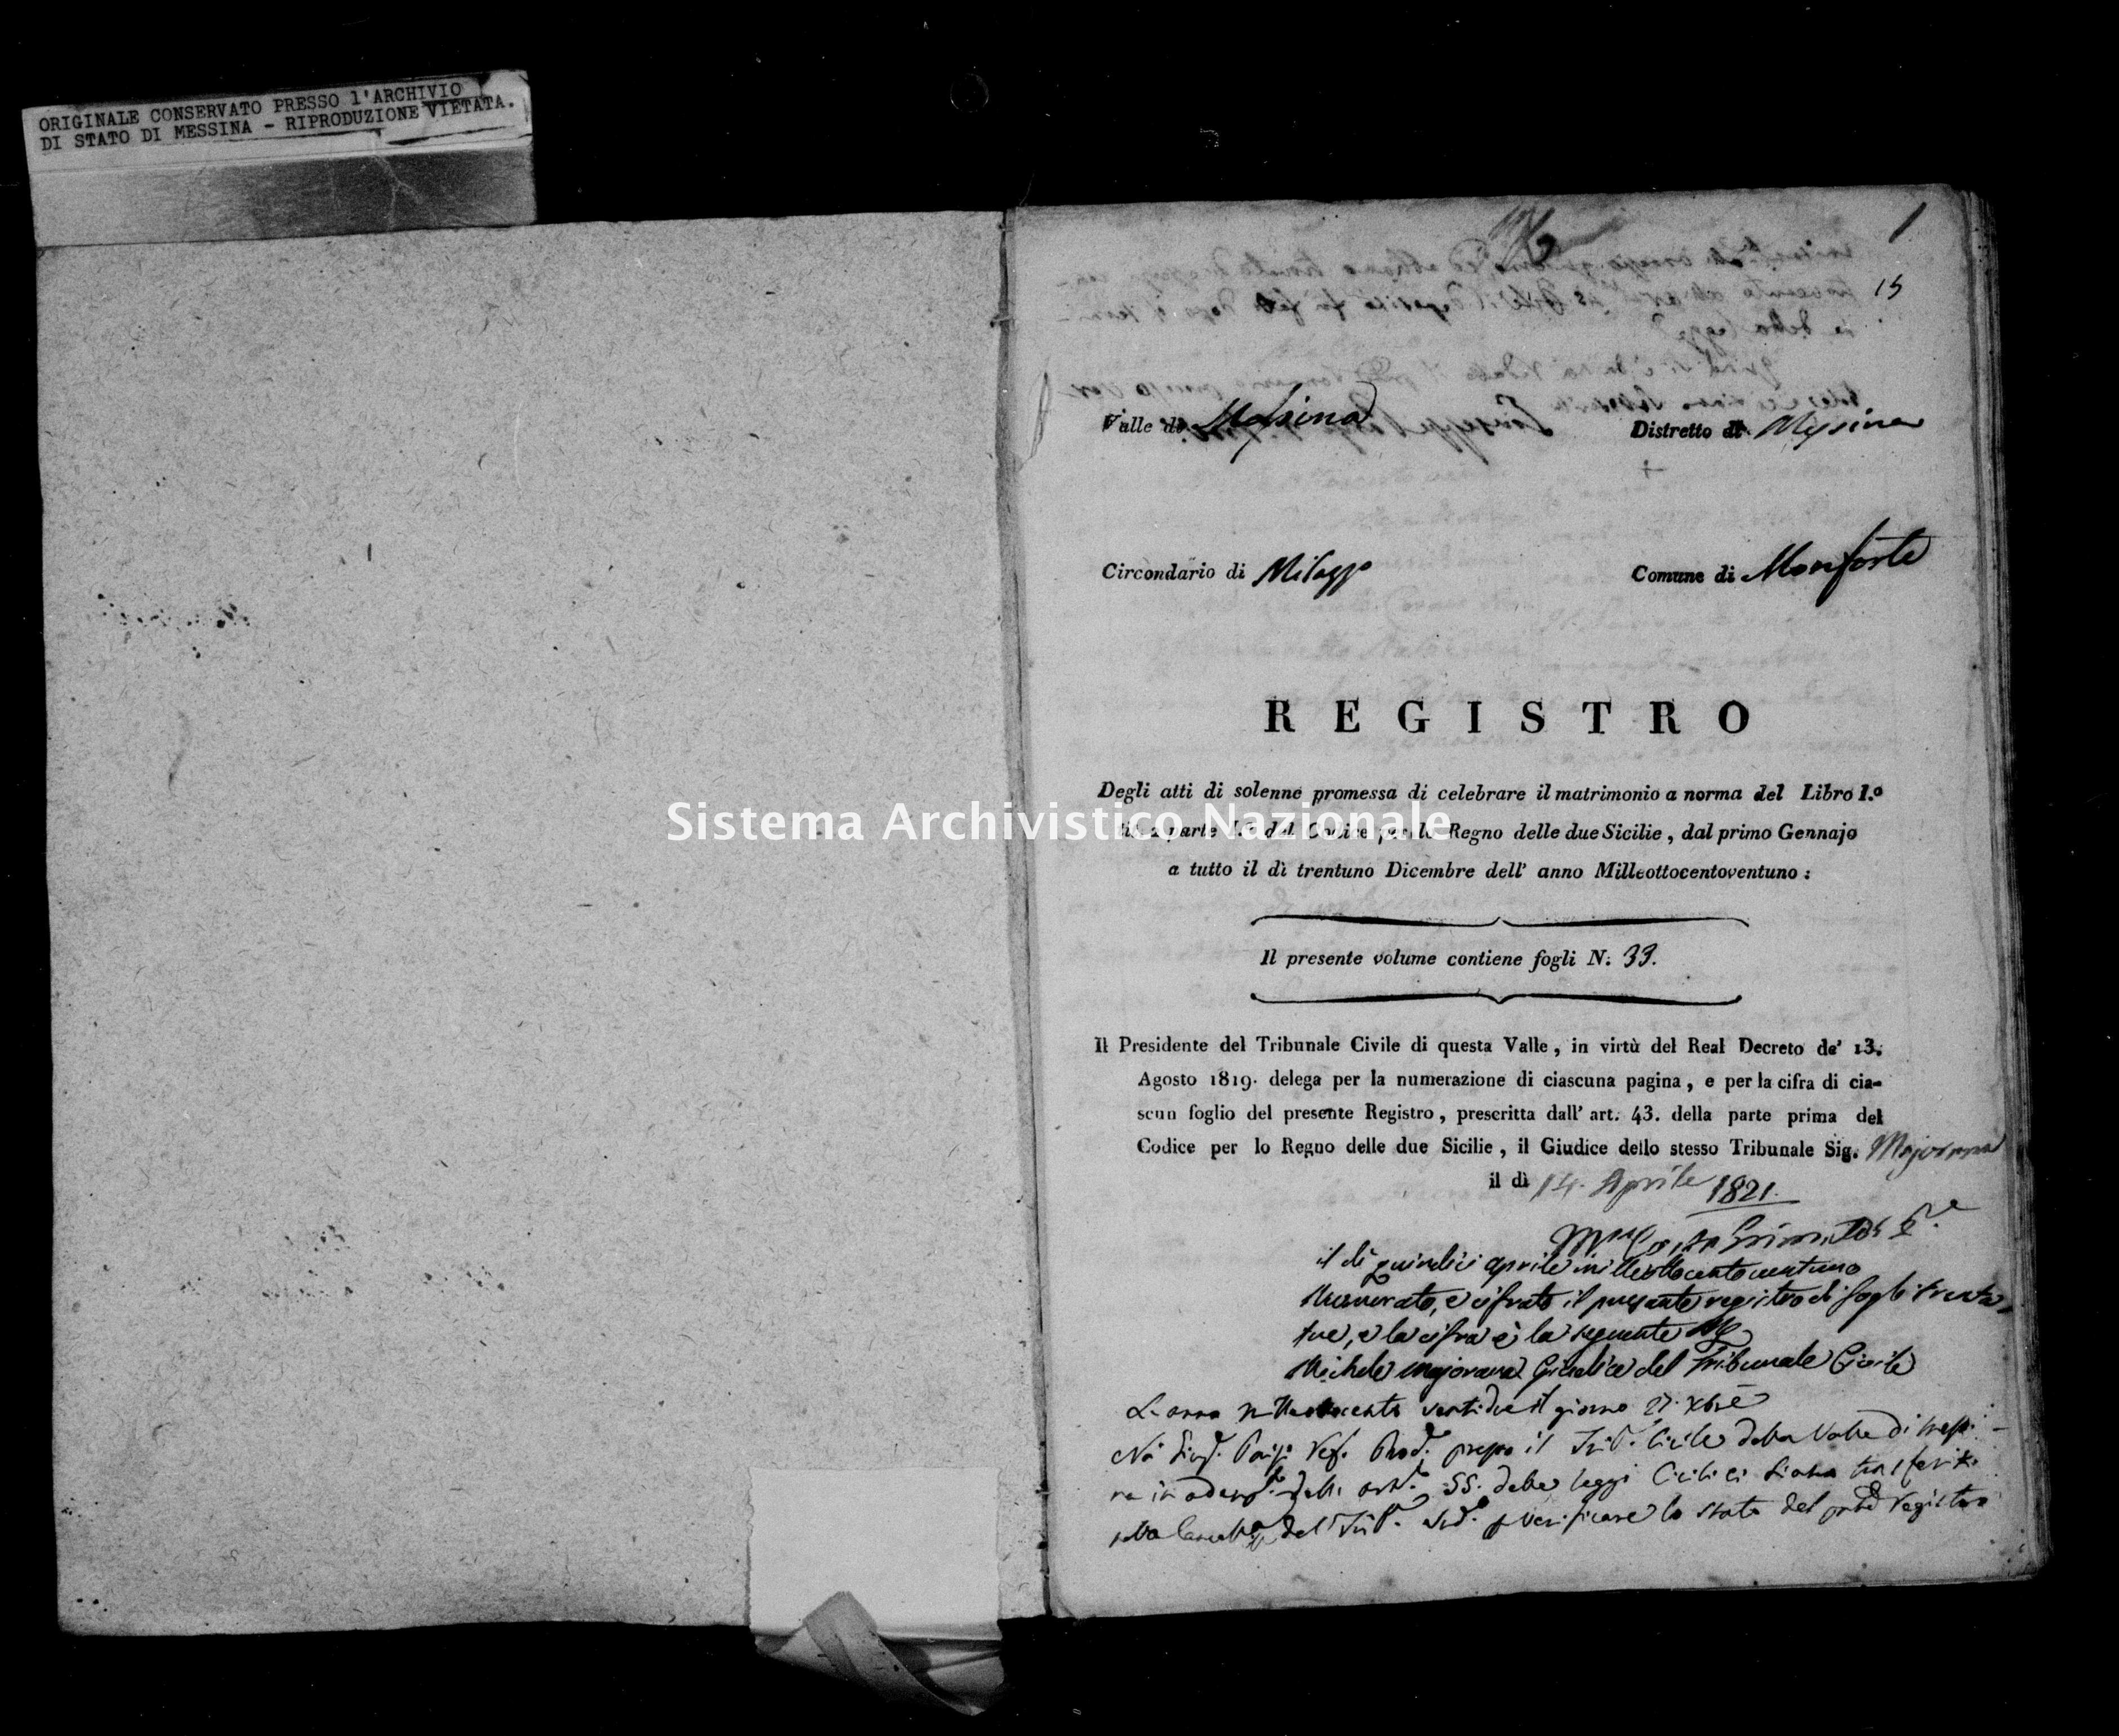 Archivio di stato di Messina - Stato civile della restaurazione - Monforte - Matrimoni - 05/05/1821-25/06/1821 - 847 -